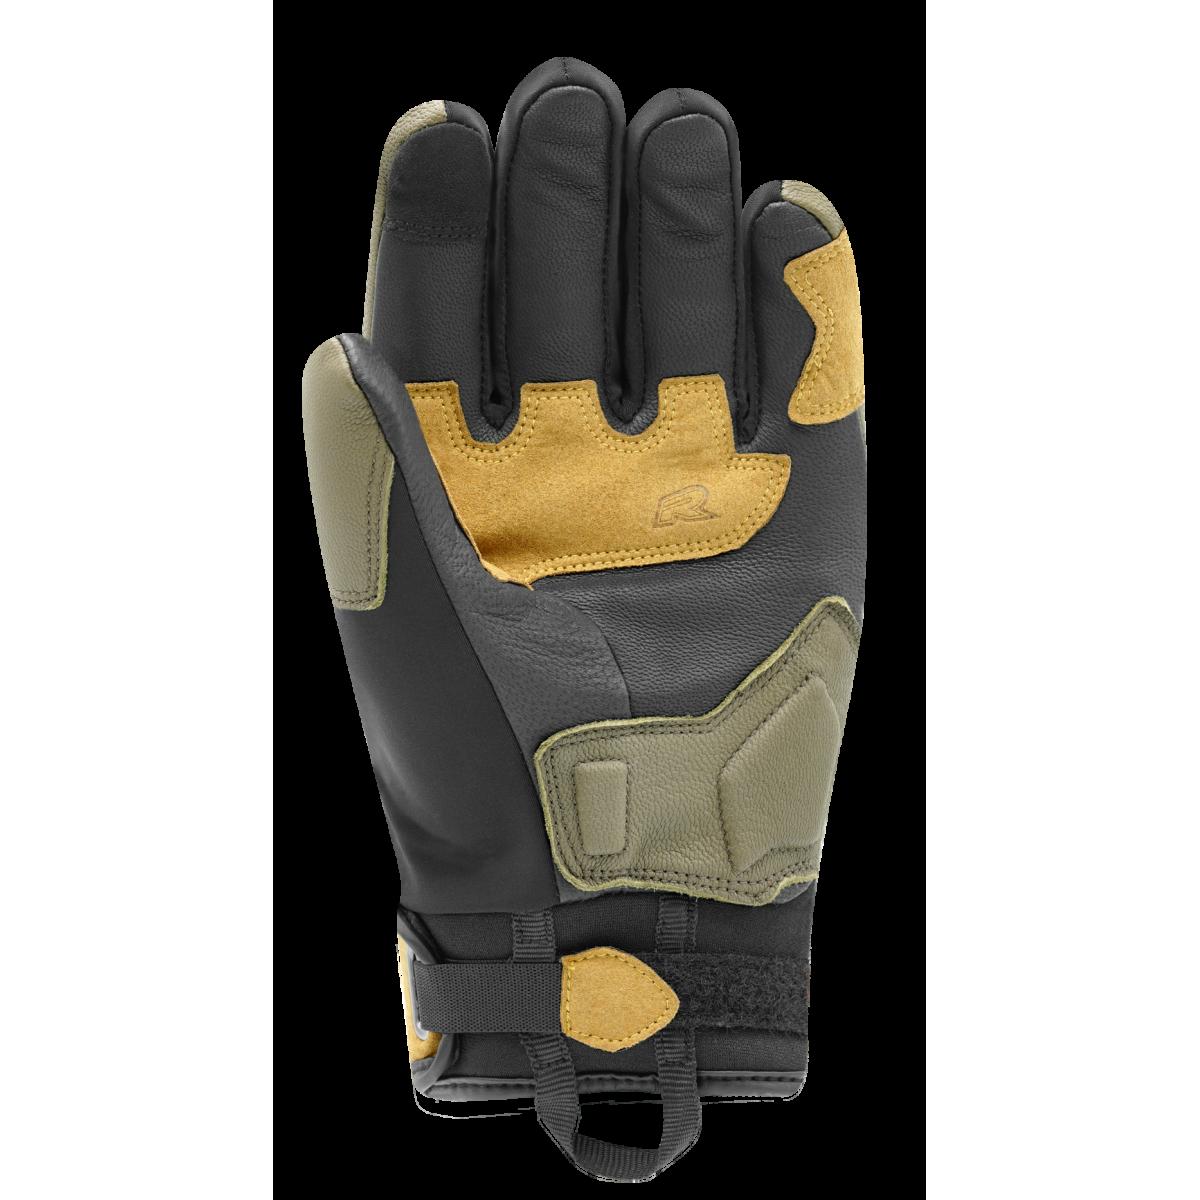 Racer Ronin Winter Gloves - Black Sand